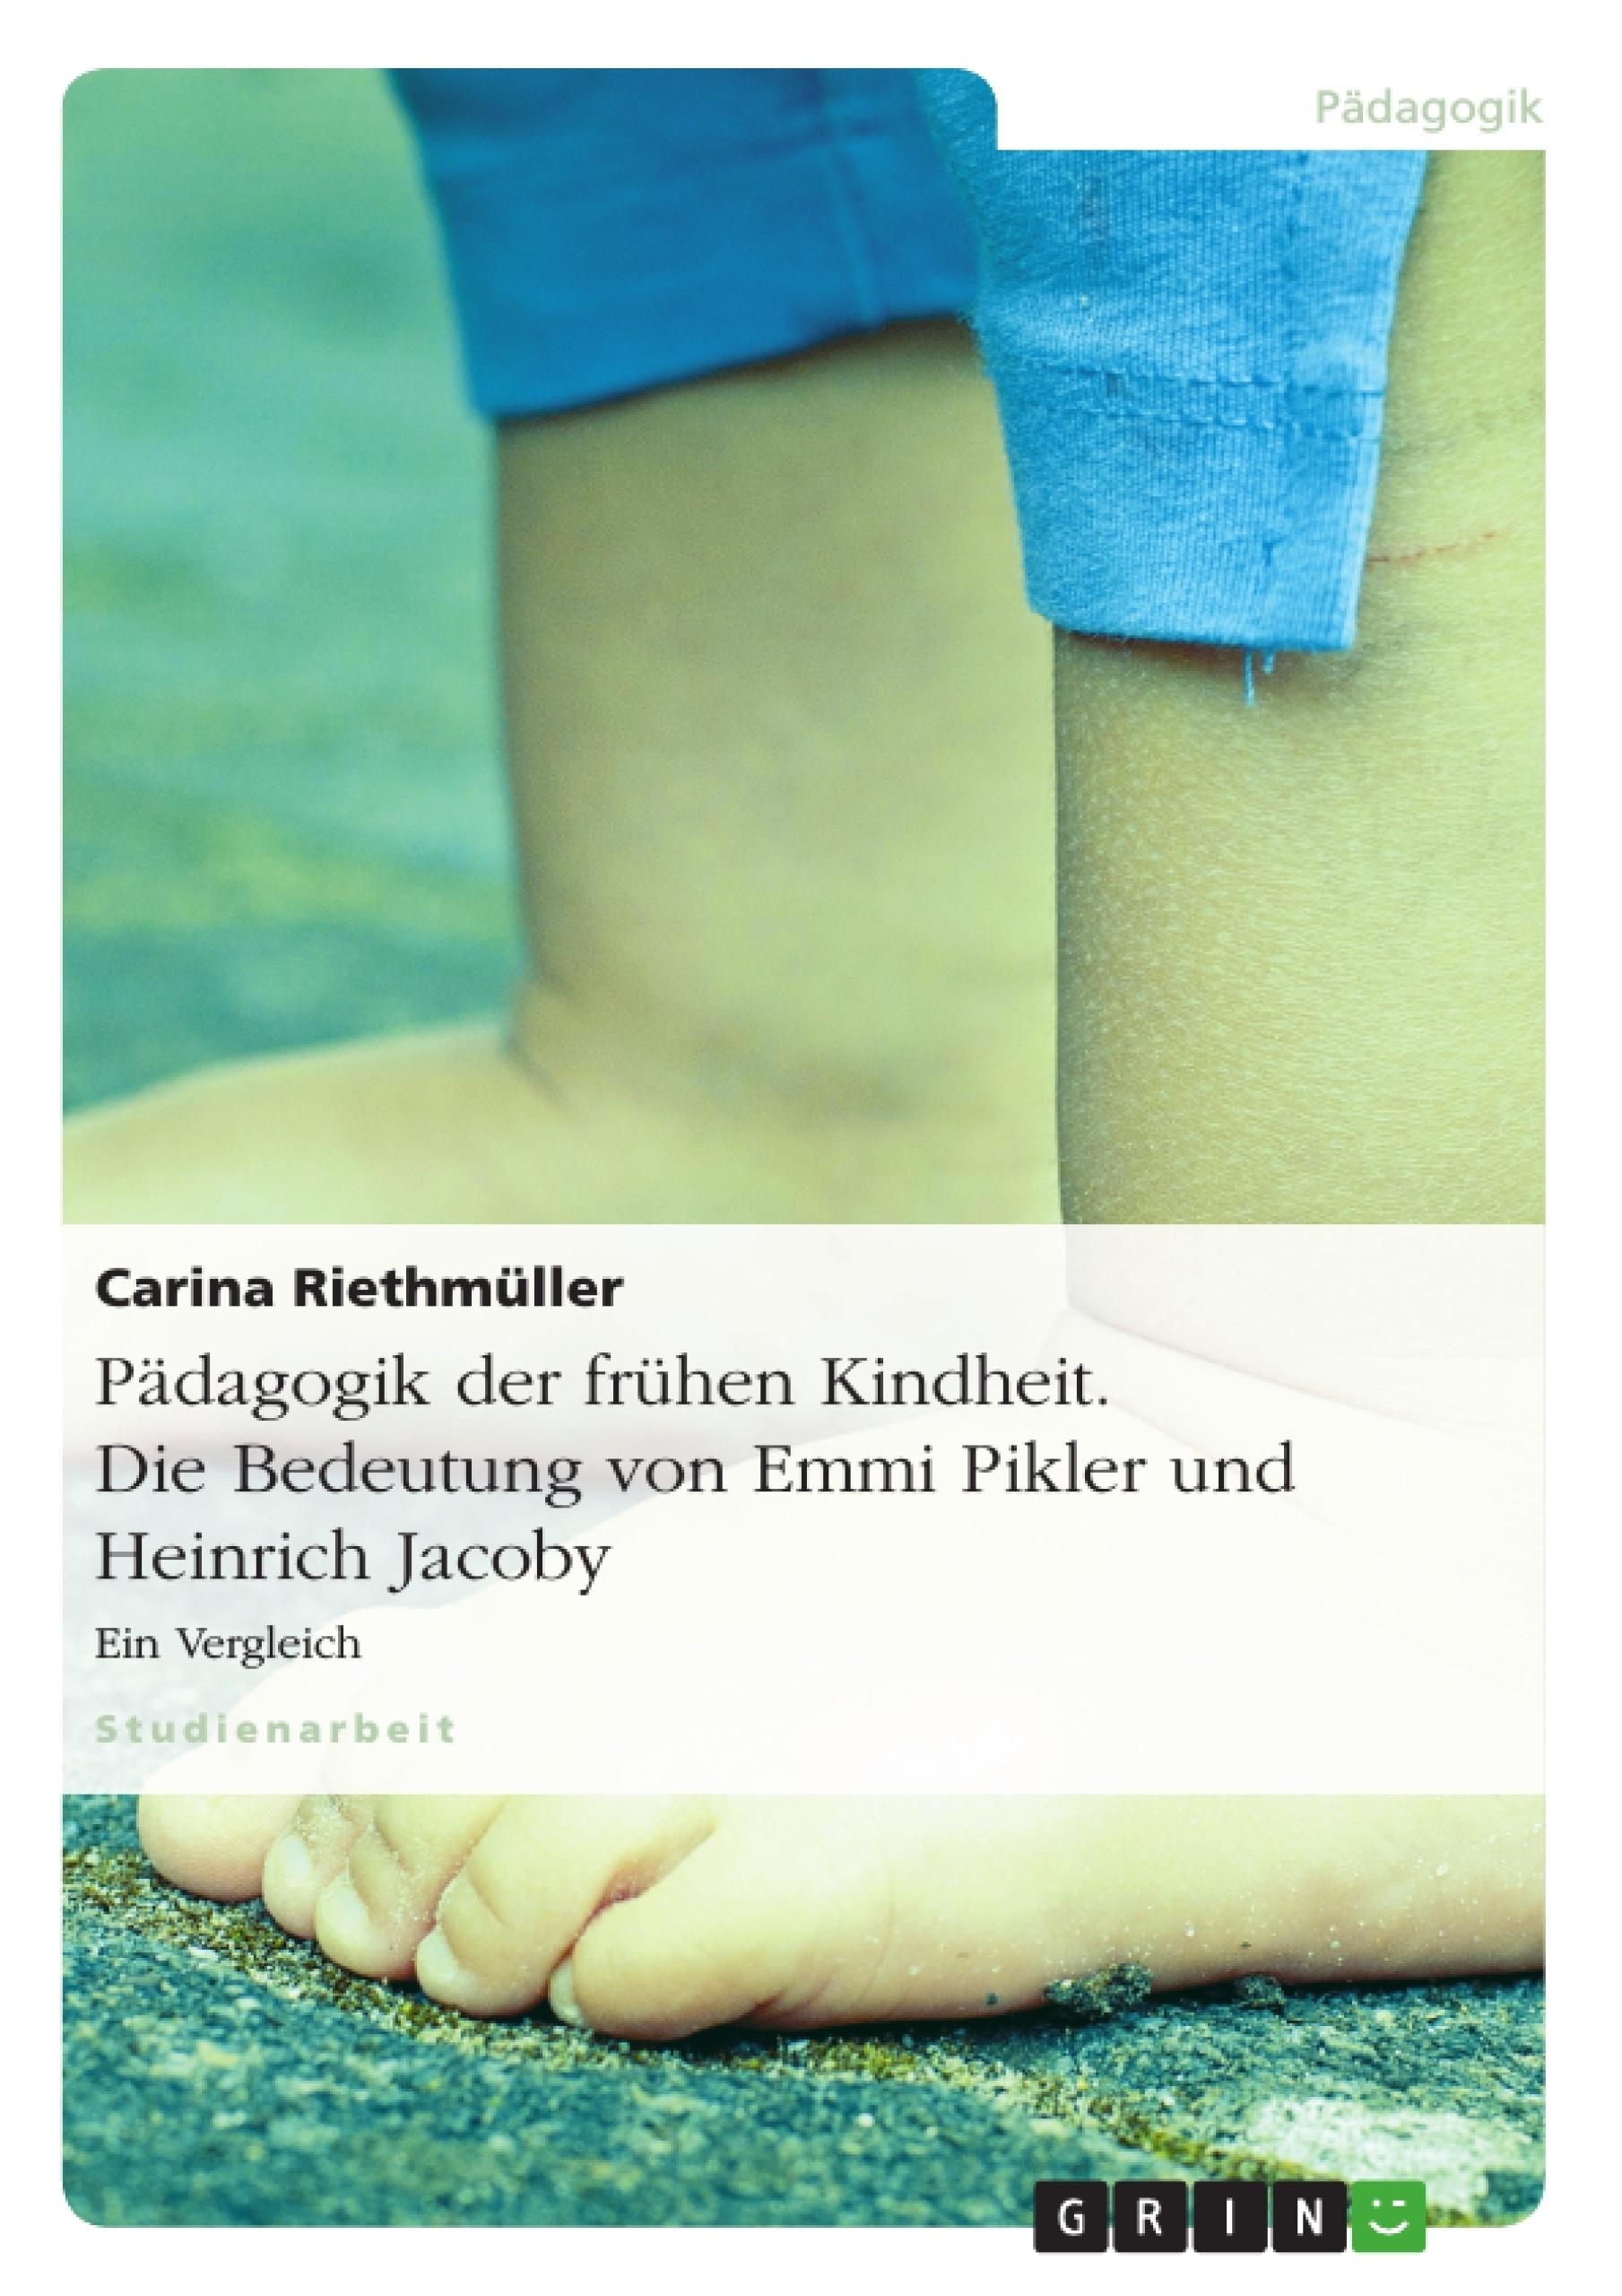 Titel: Pädagogik der frühen Kindheit. Die Bedeutung von Emmi Pikler und Heinrich Jacoby